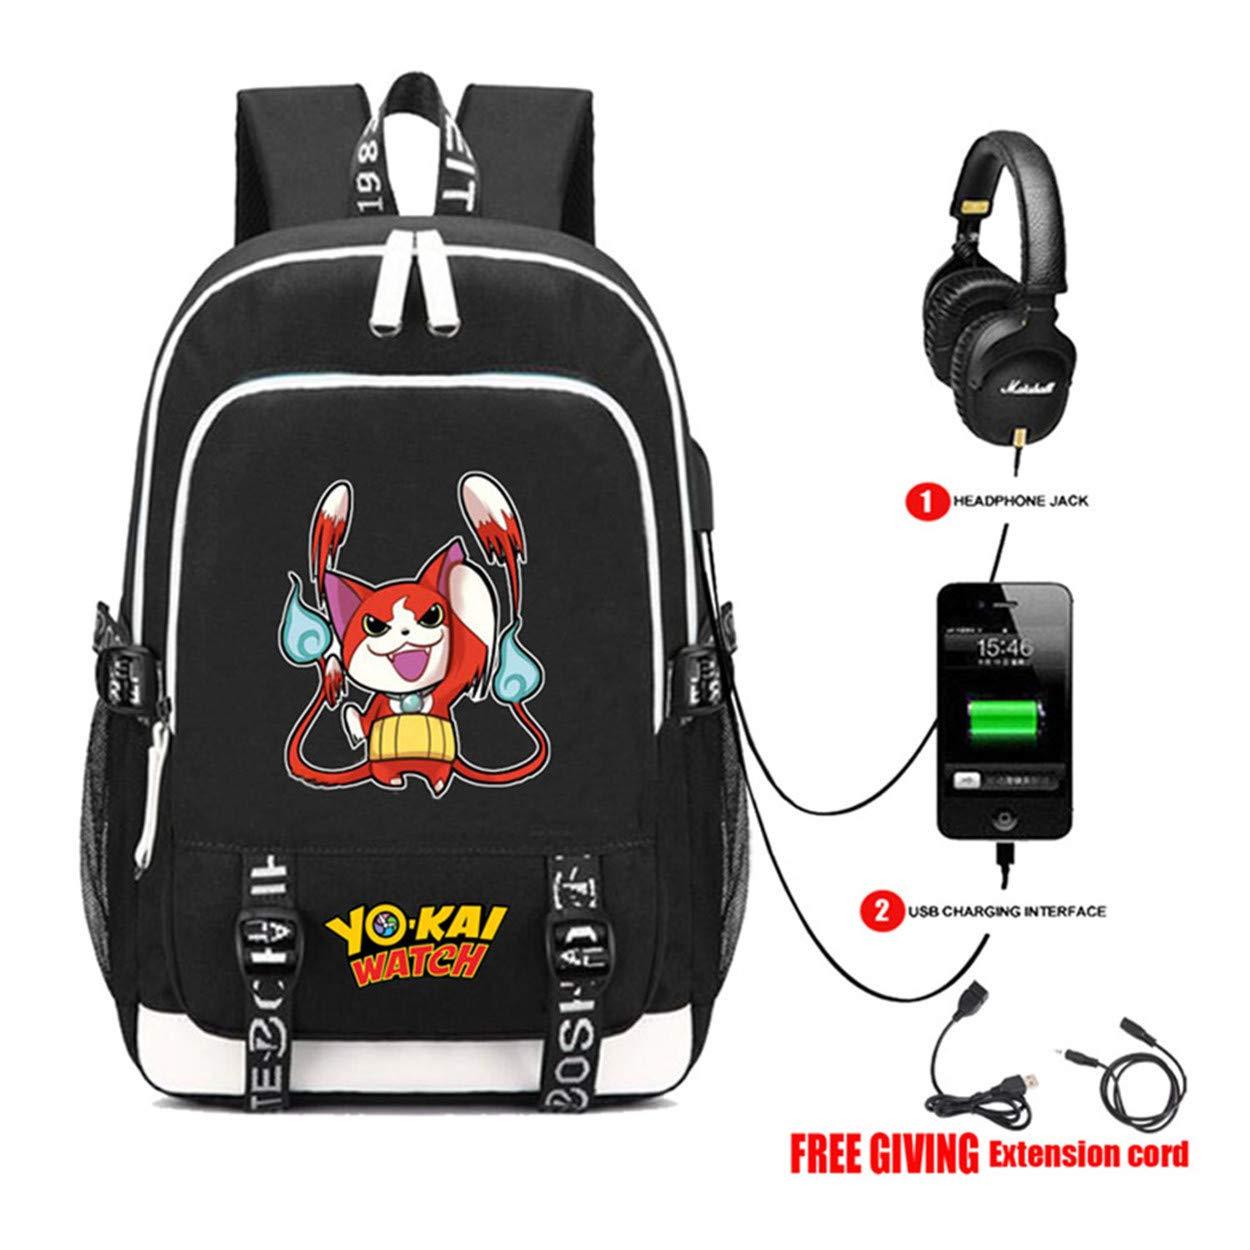 Cosstars YO-Kai Watch PuniPuni Juego Bolsa de Estudiante Mochila para Portátil con Puerto de Carga USB y Conector para Auriculares /1: Amazon.es: Equipaje